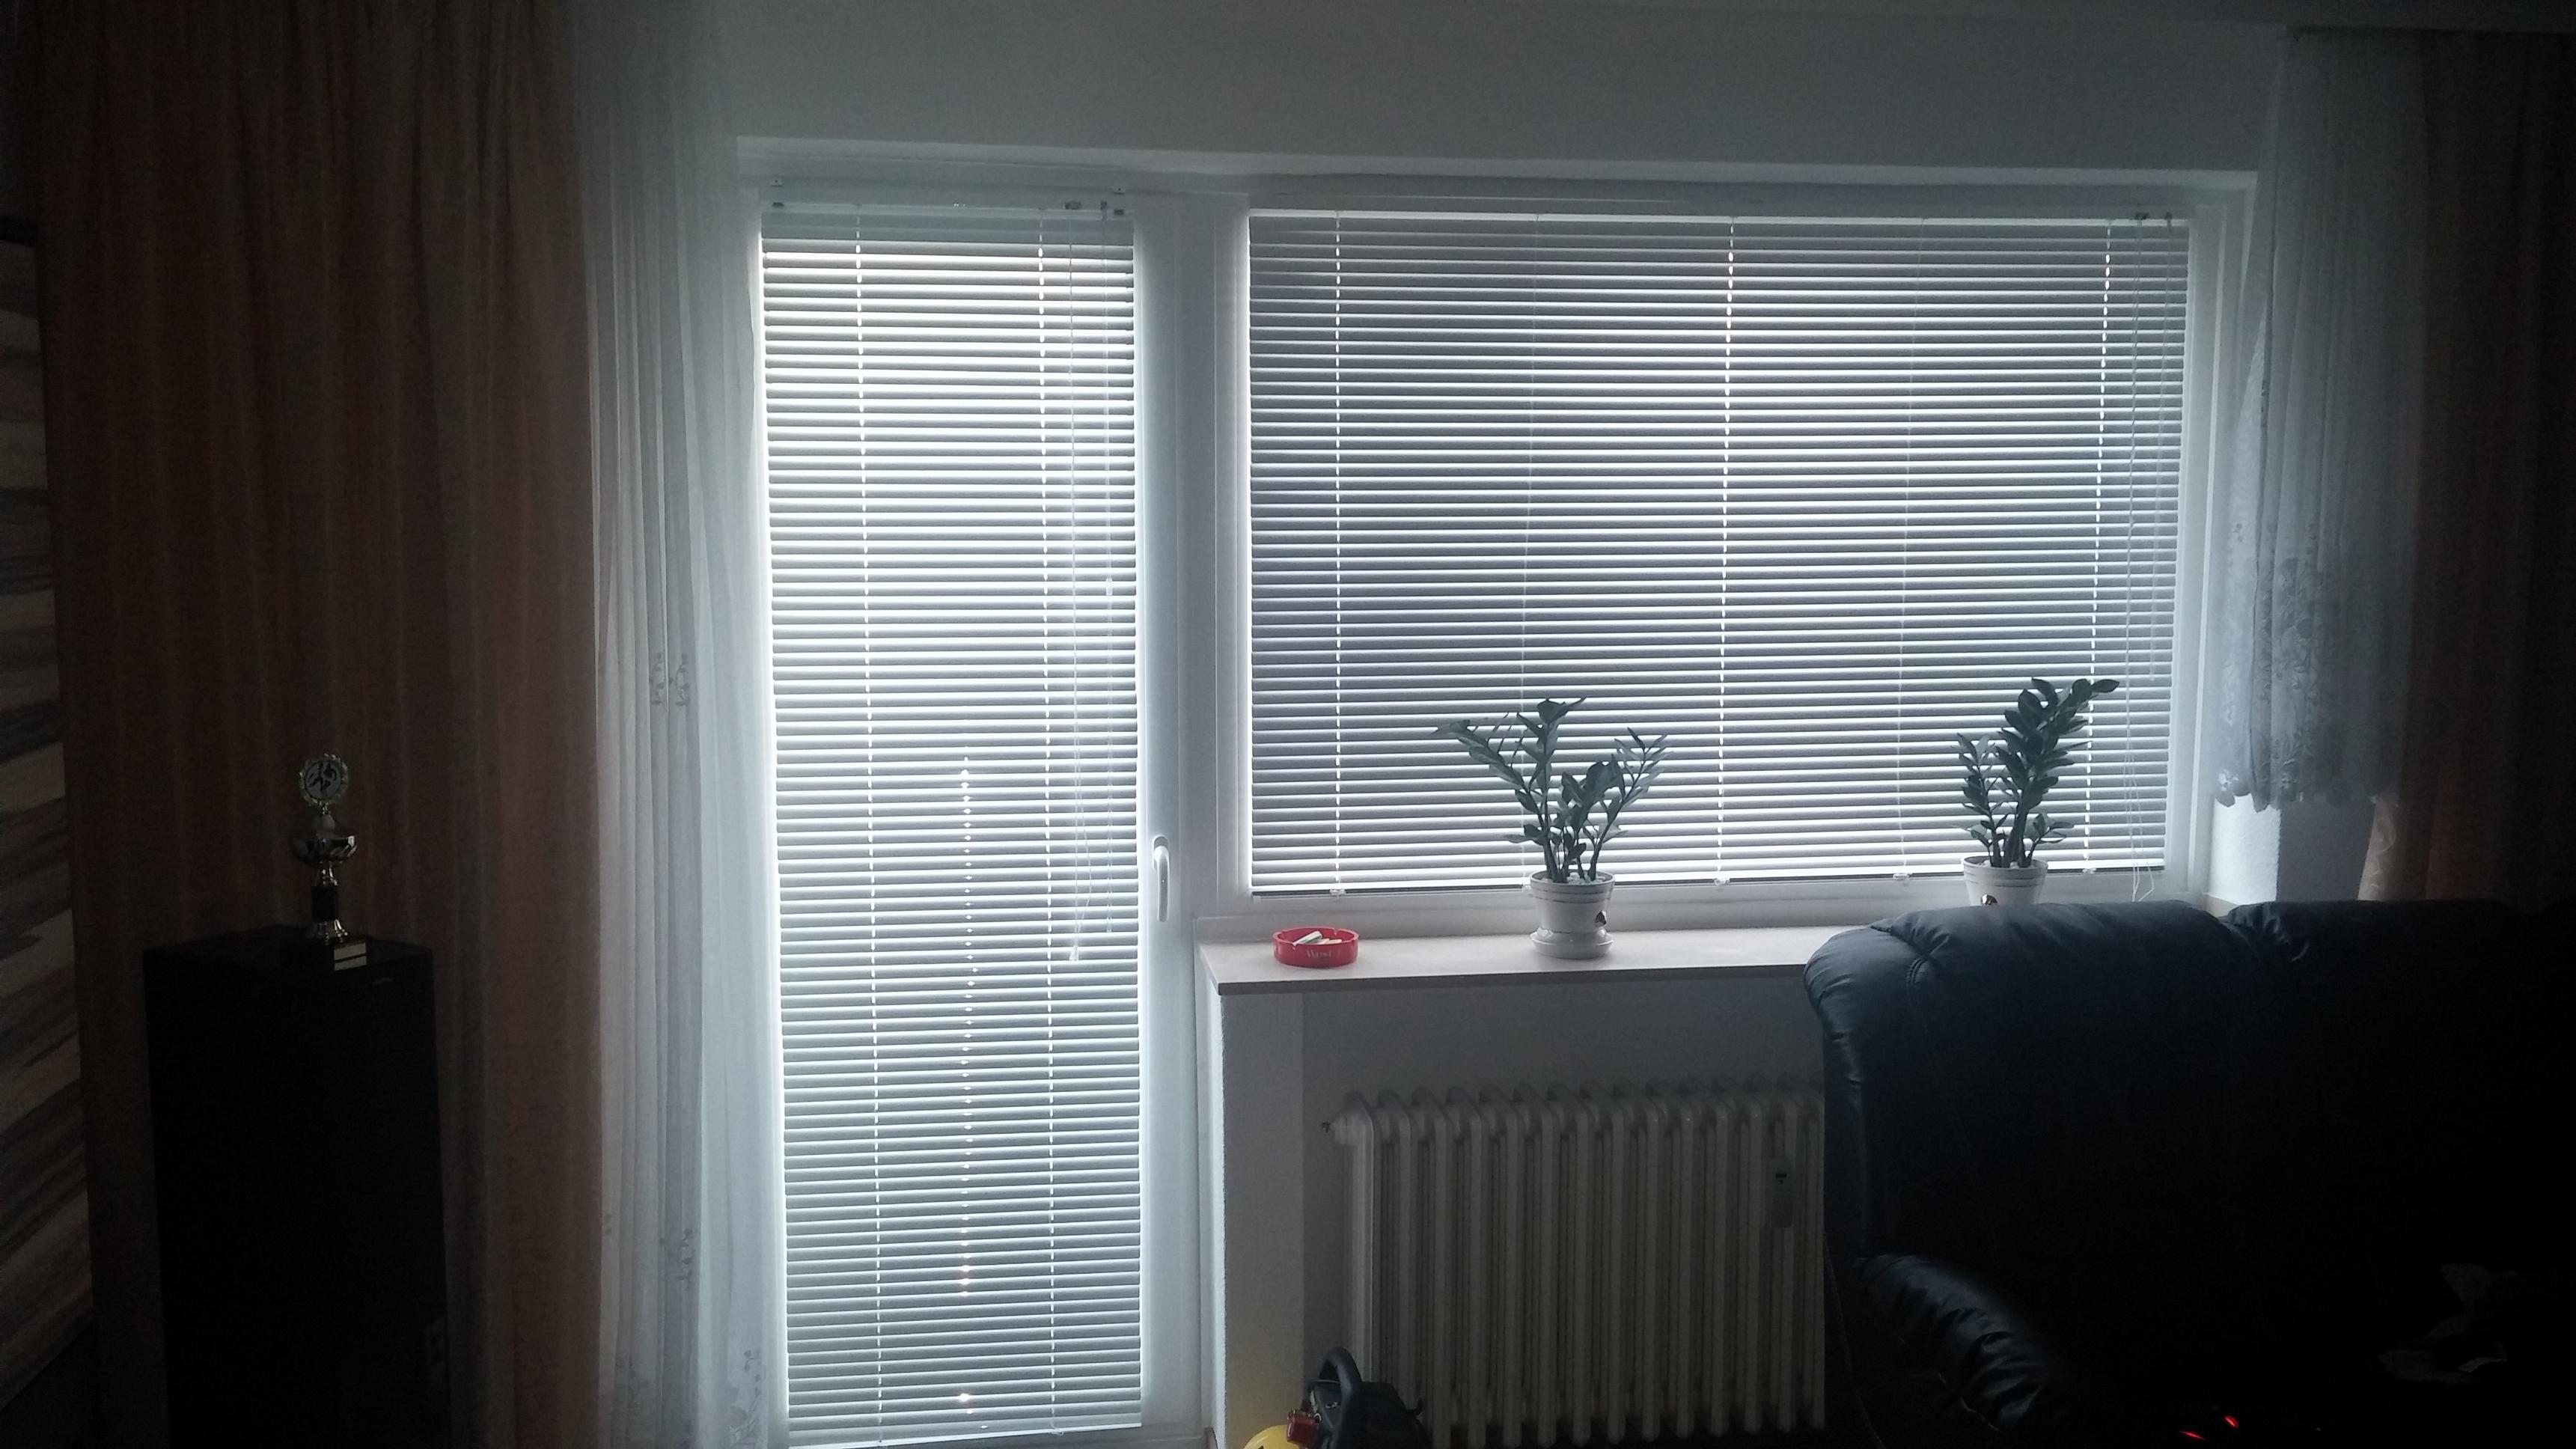 Heimkino mit Beamer (Fenster abdunkeln) | ComputerBase Forum